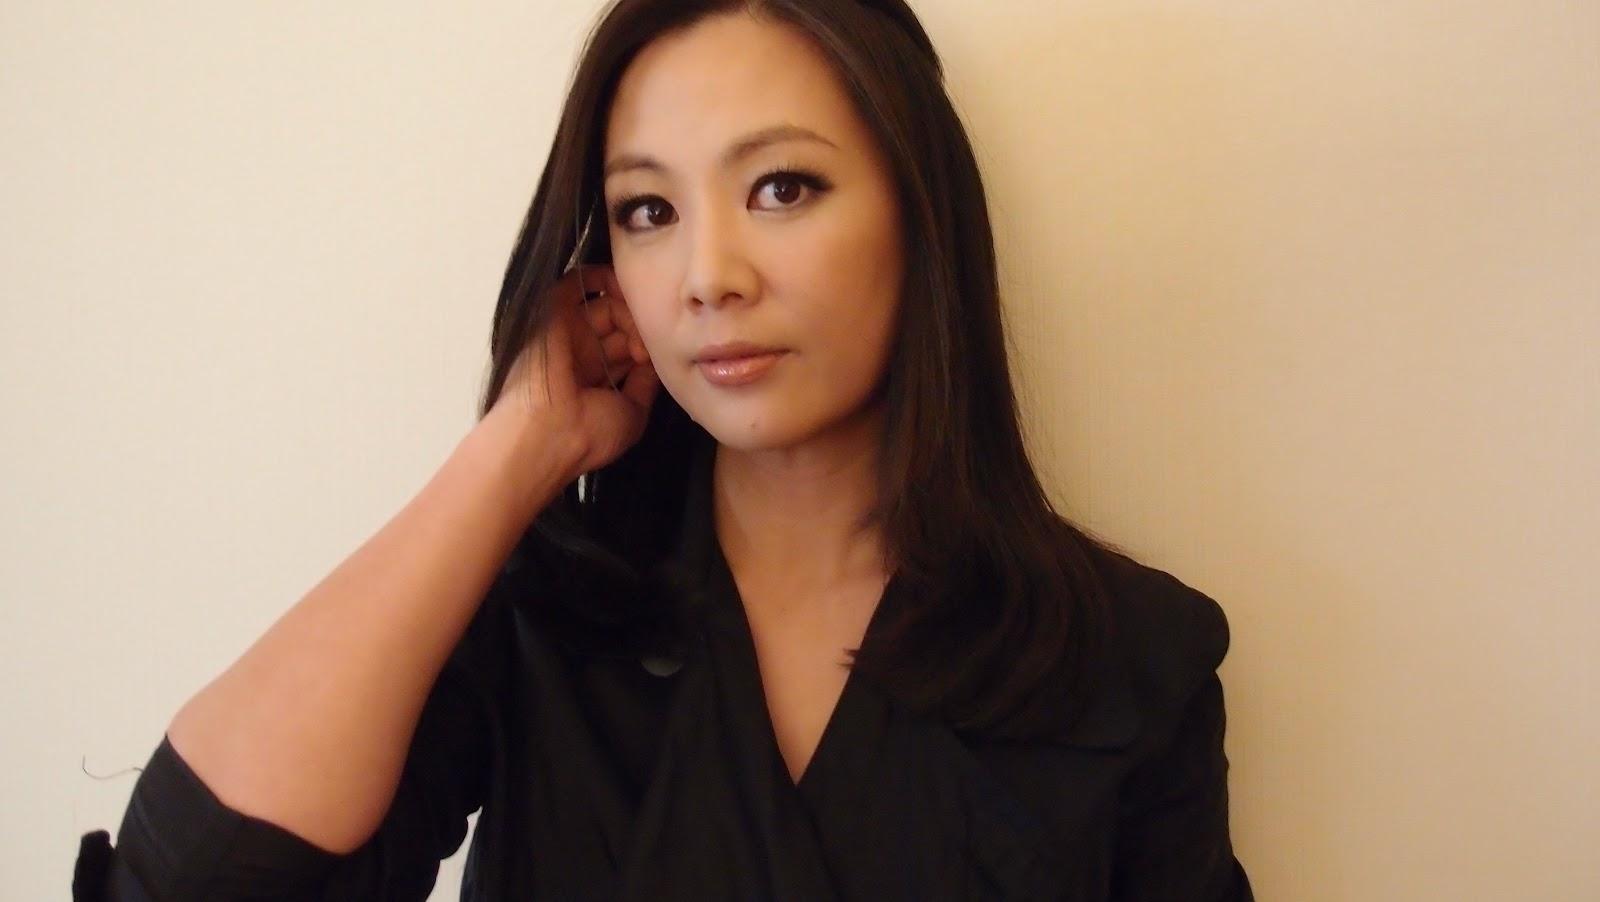 Stephenmakeup: Linda Wong: http://stephenmakeup.blogspot.com/2012/05/linda-wong.html